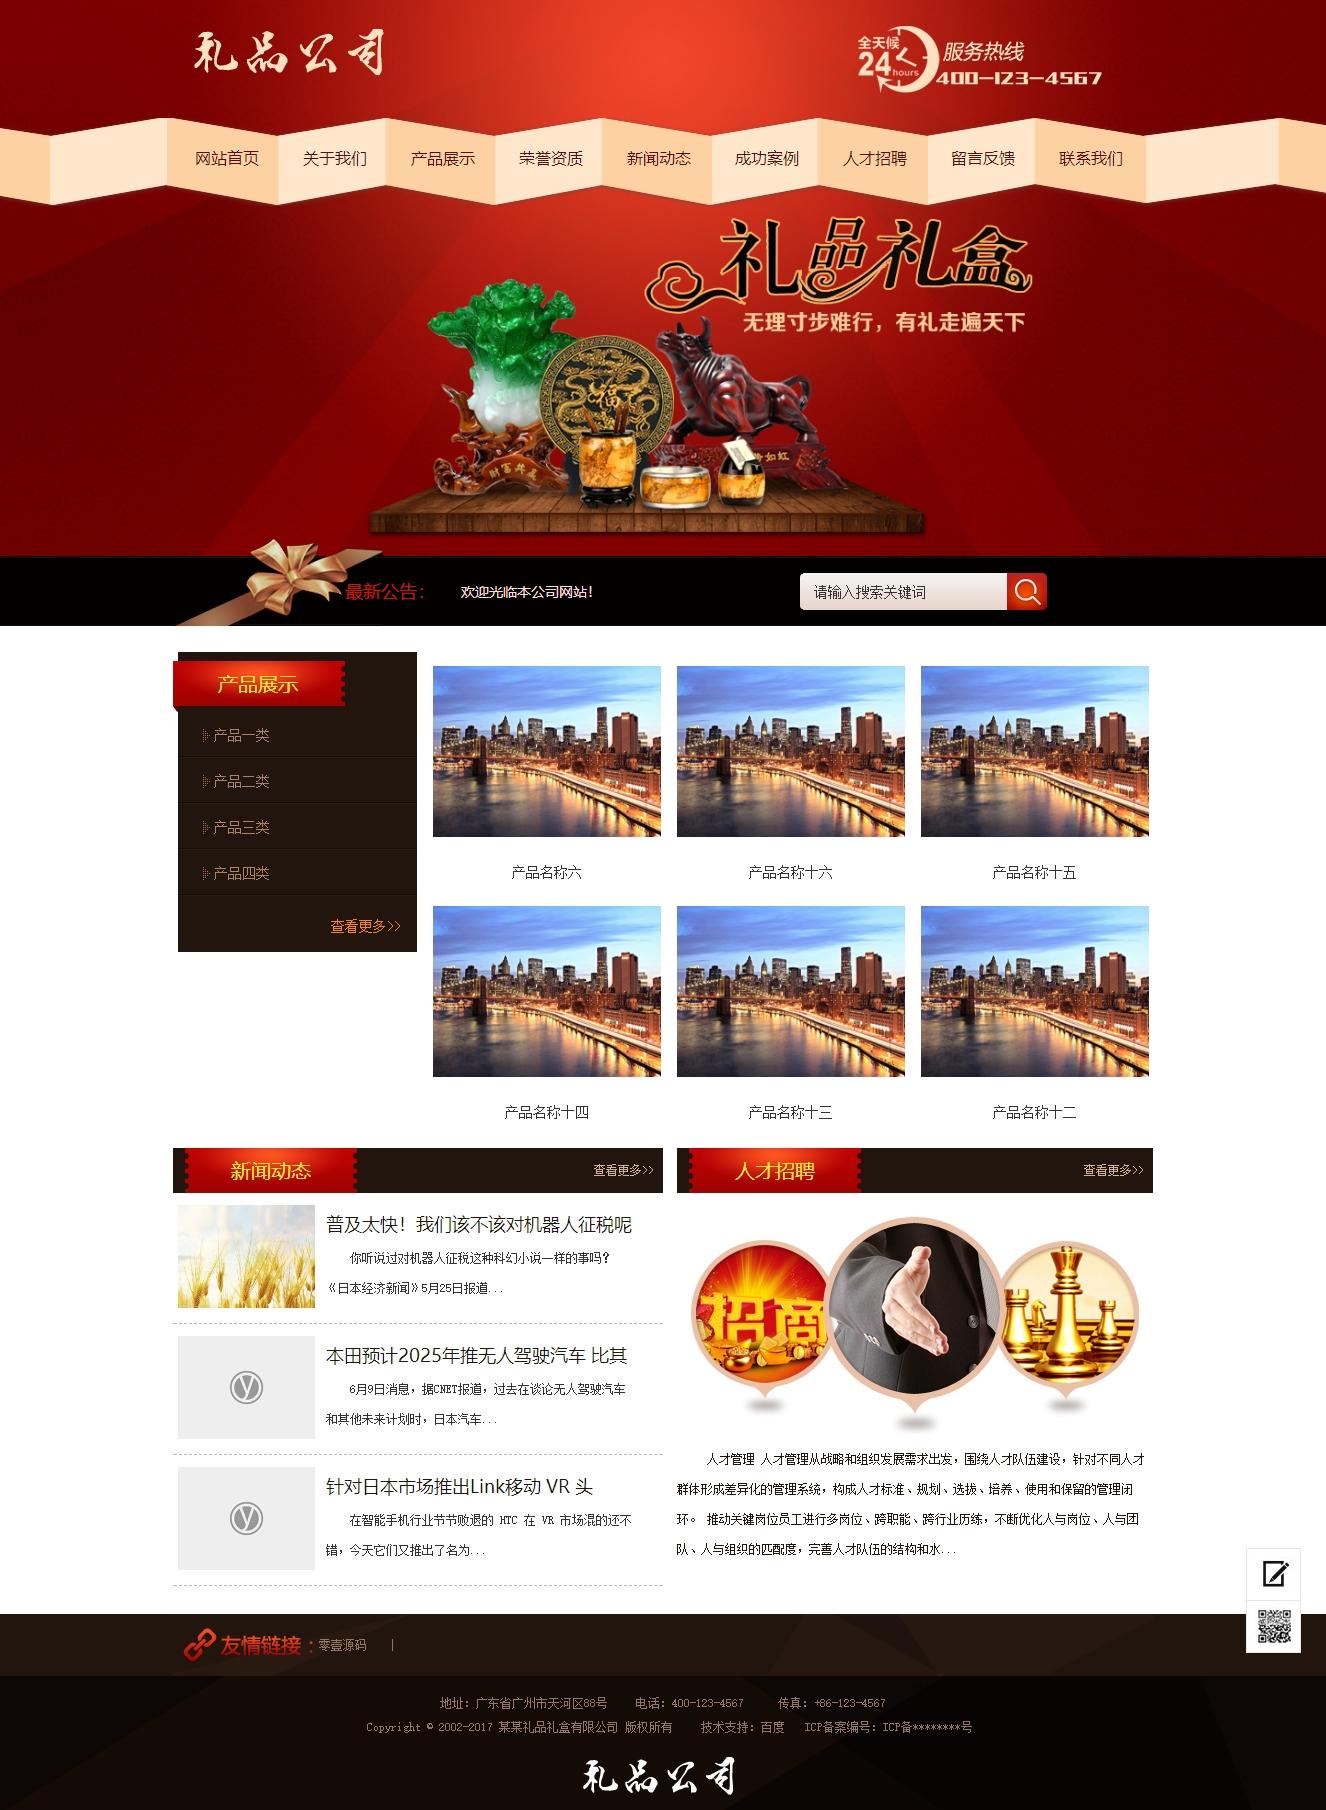 礼品礼盒包装类网站织梦dedecms模板(带手机端)